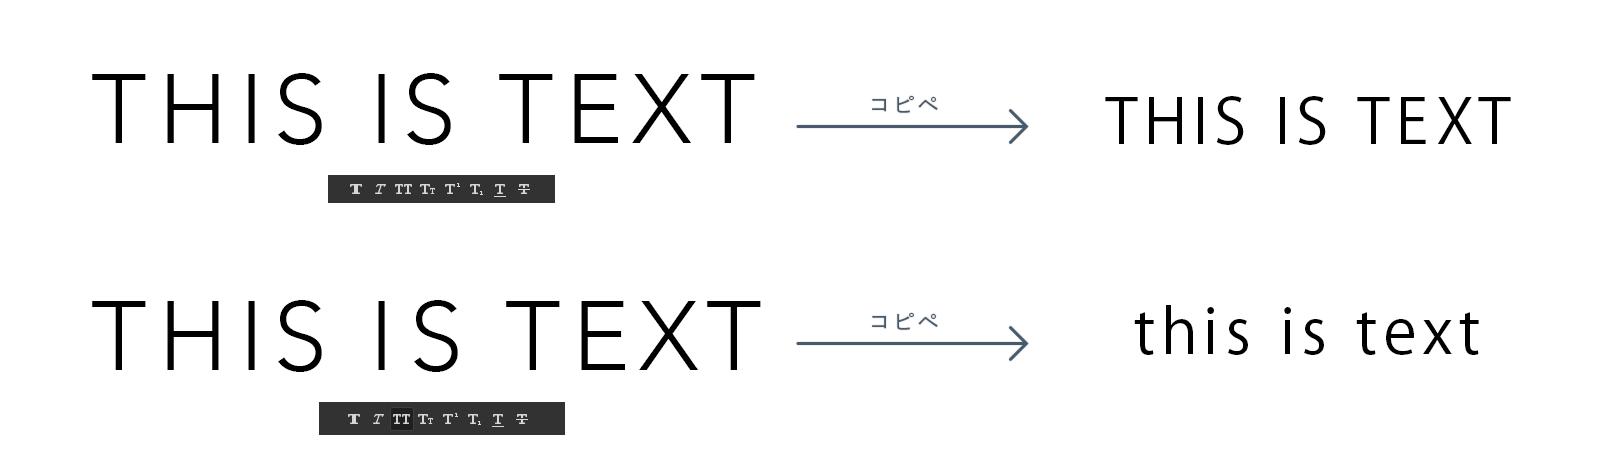 Photoshopの文字スタイルについて